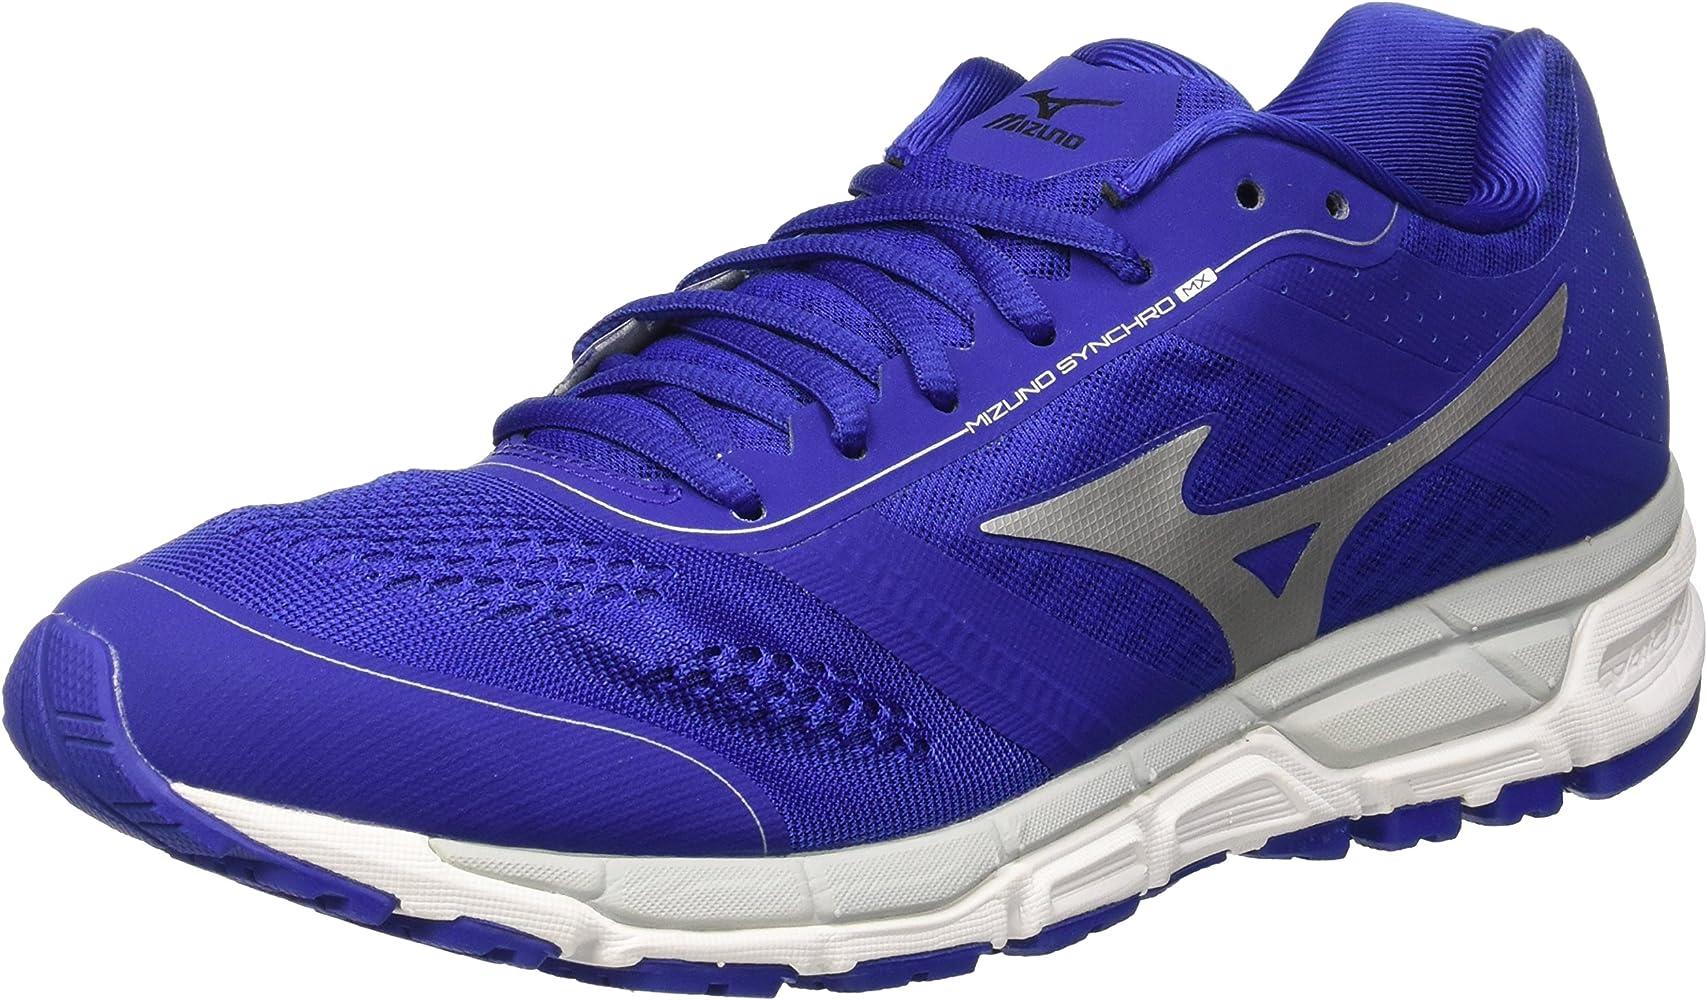 Mizuno Zapatillas Deportivas Azul EU 43: Amazon.es: Zapatos y complementos